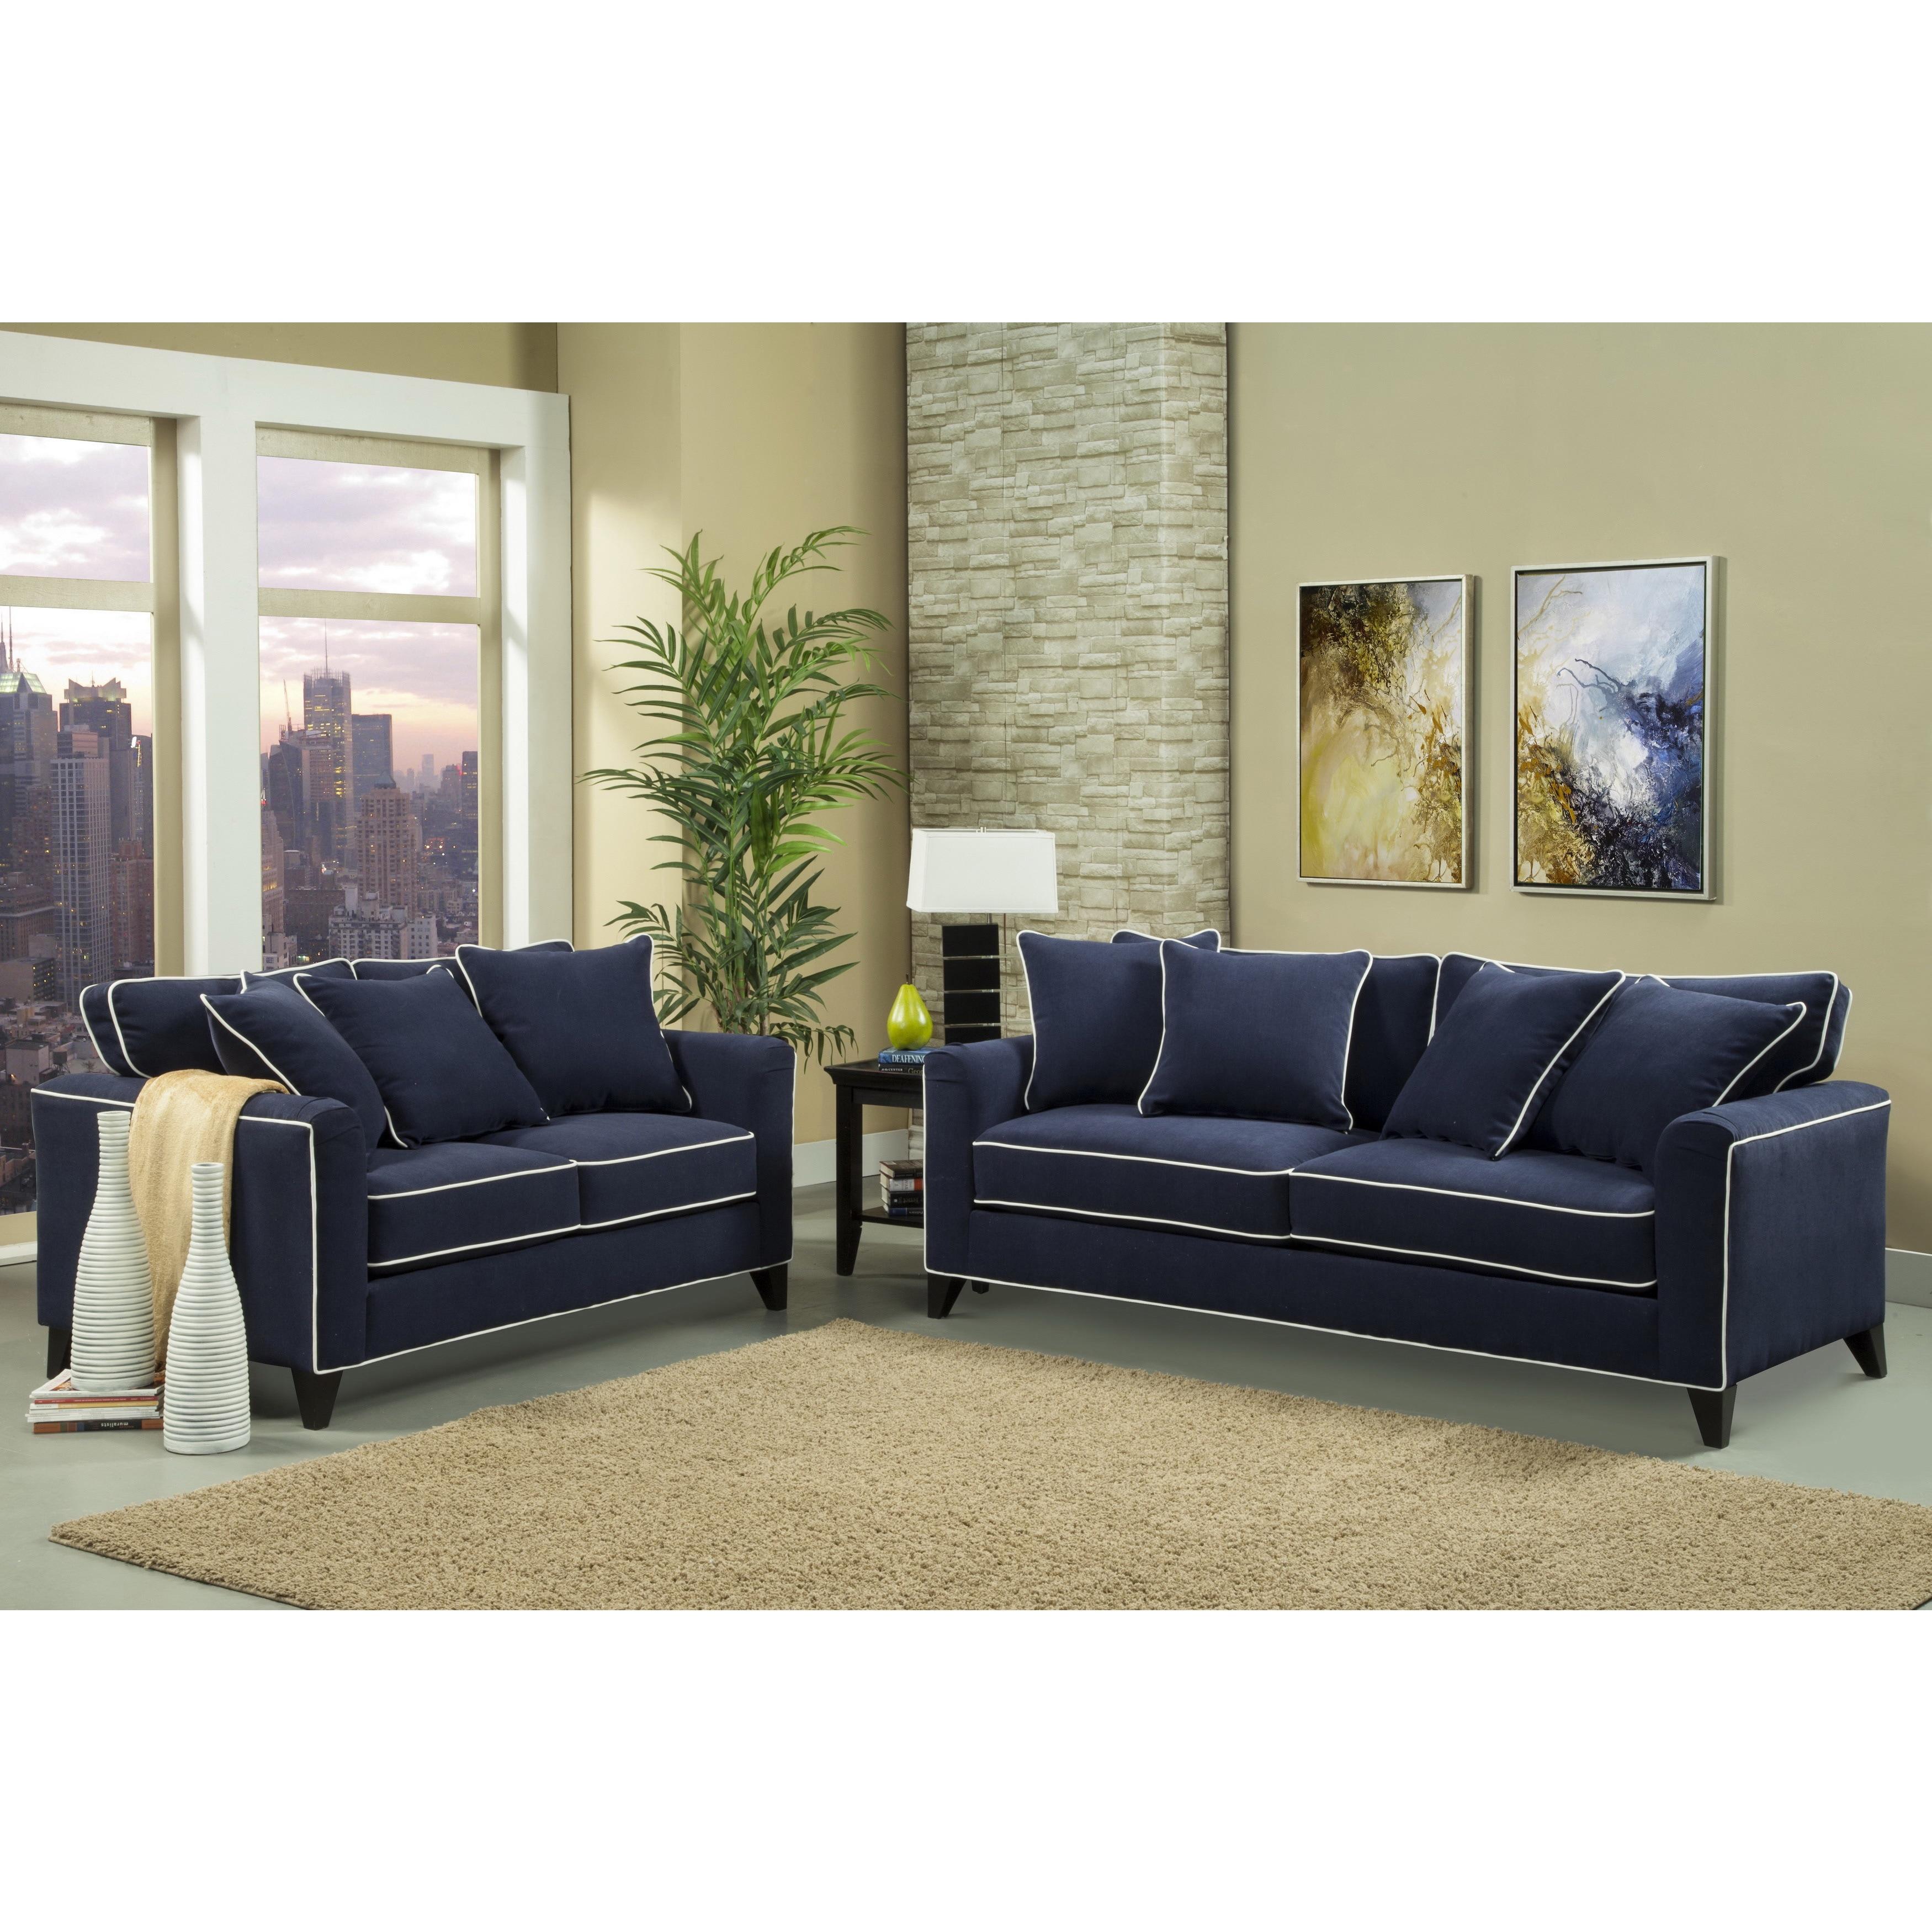 Overstock Furniture: Furniture Of America Alton Contemporary Chenille Sofa